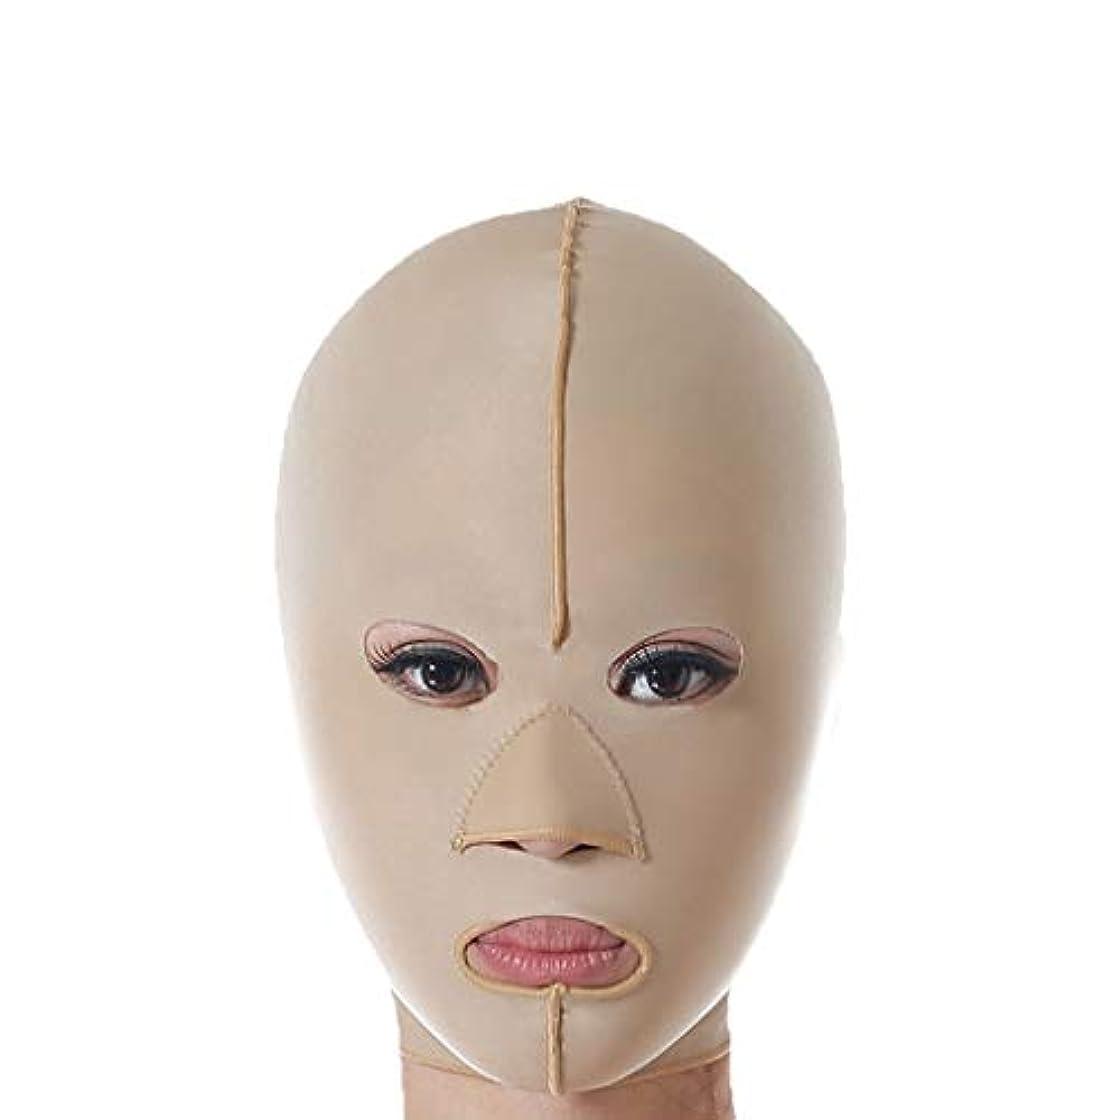 牛しみペレグリネーション減量フェイスマスク、リフティング包帯、スリムフェイスリフトリフティングベルト、フェイシャル減量リフティング包帯 (Size : S)